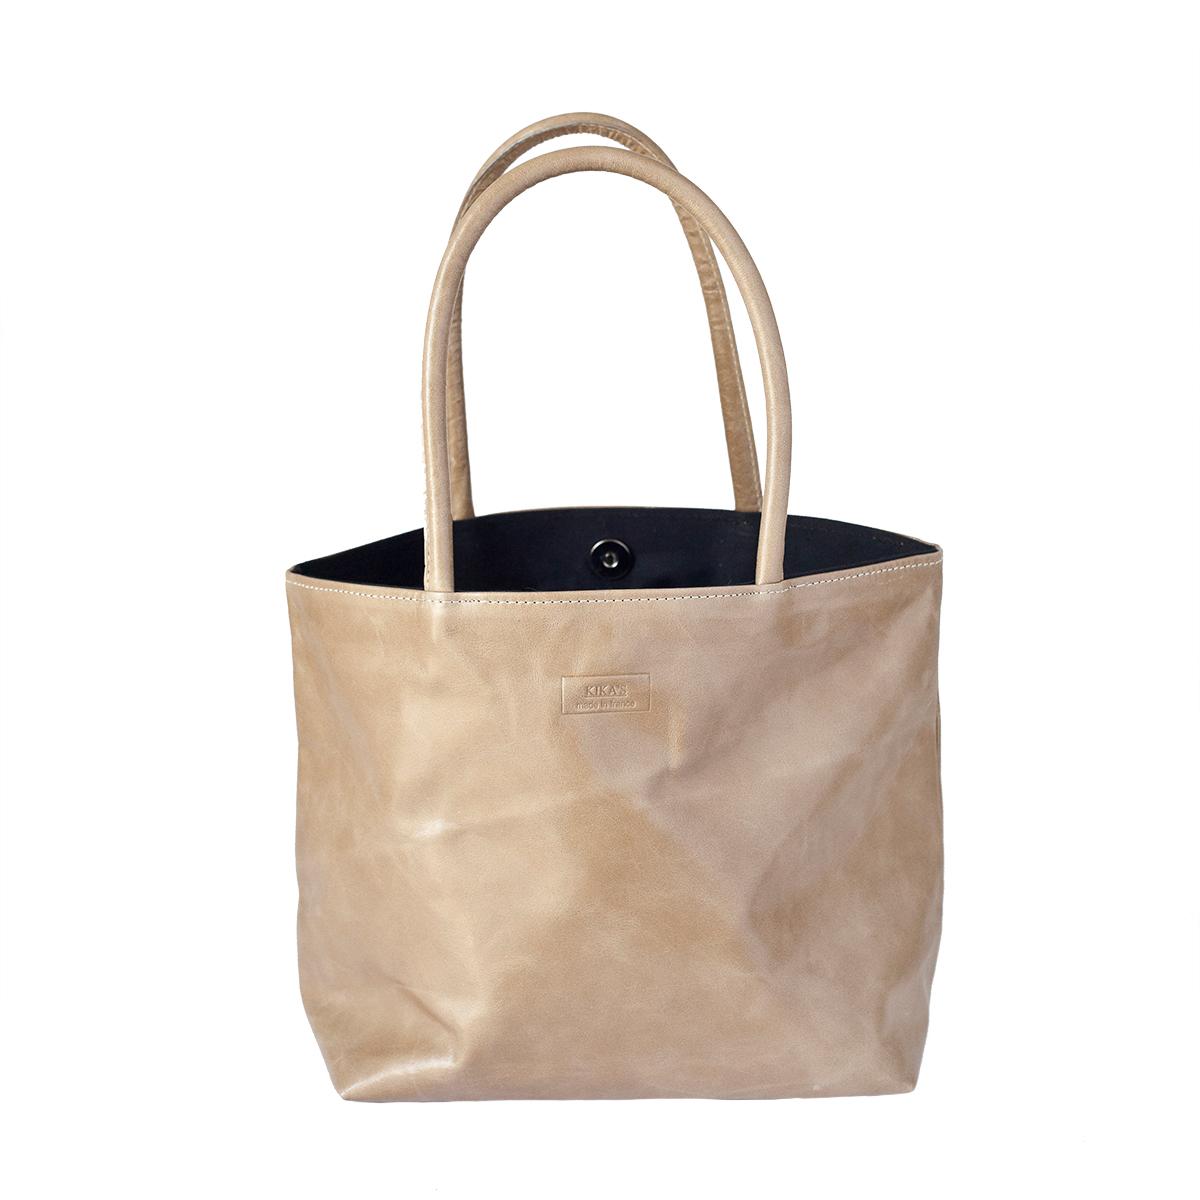 Petit sac fourre-tout beige en cuir souple.